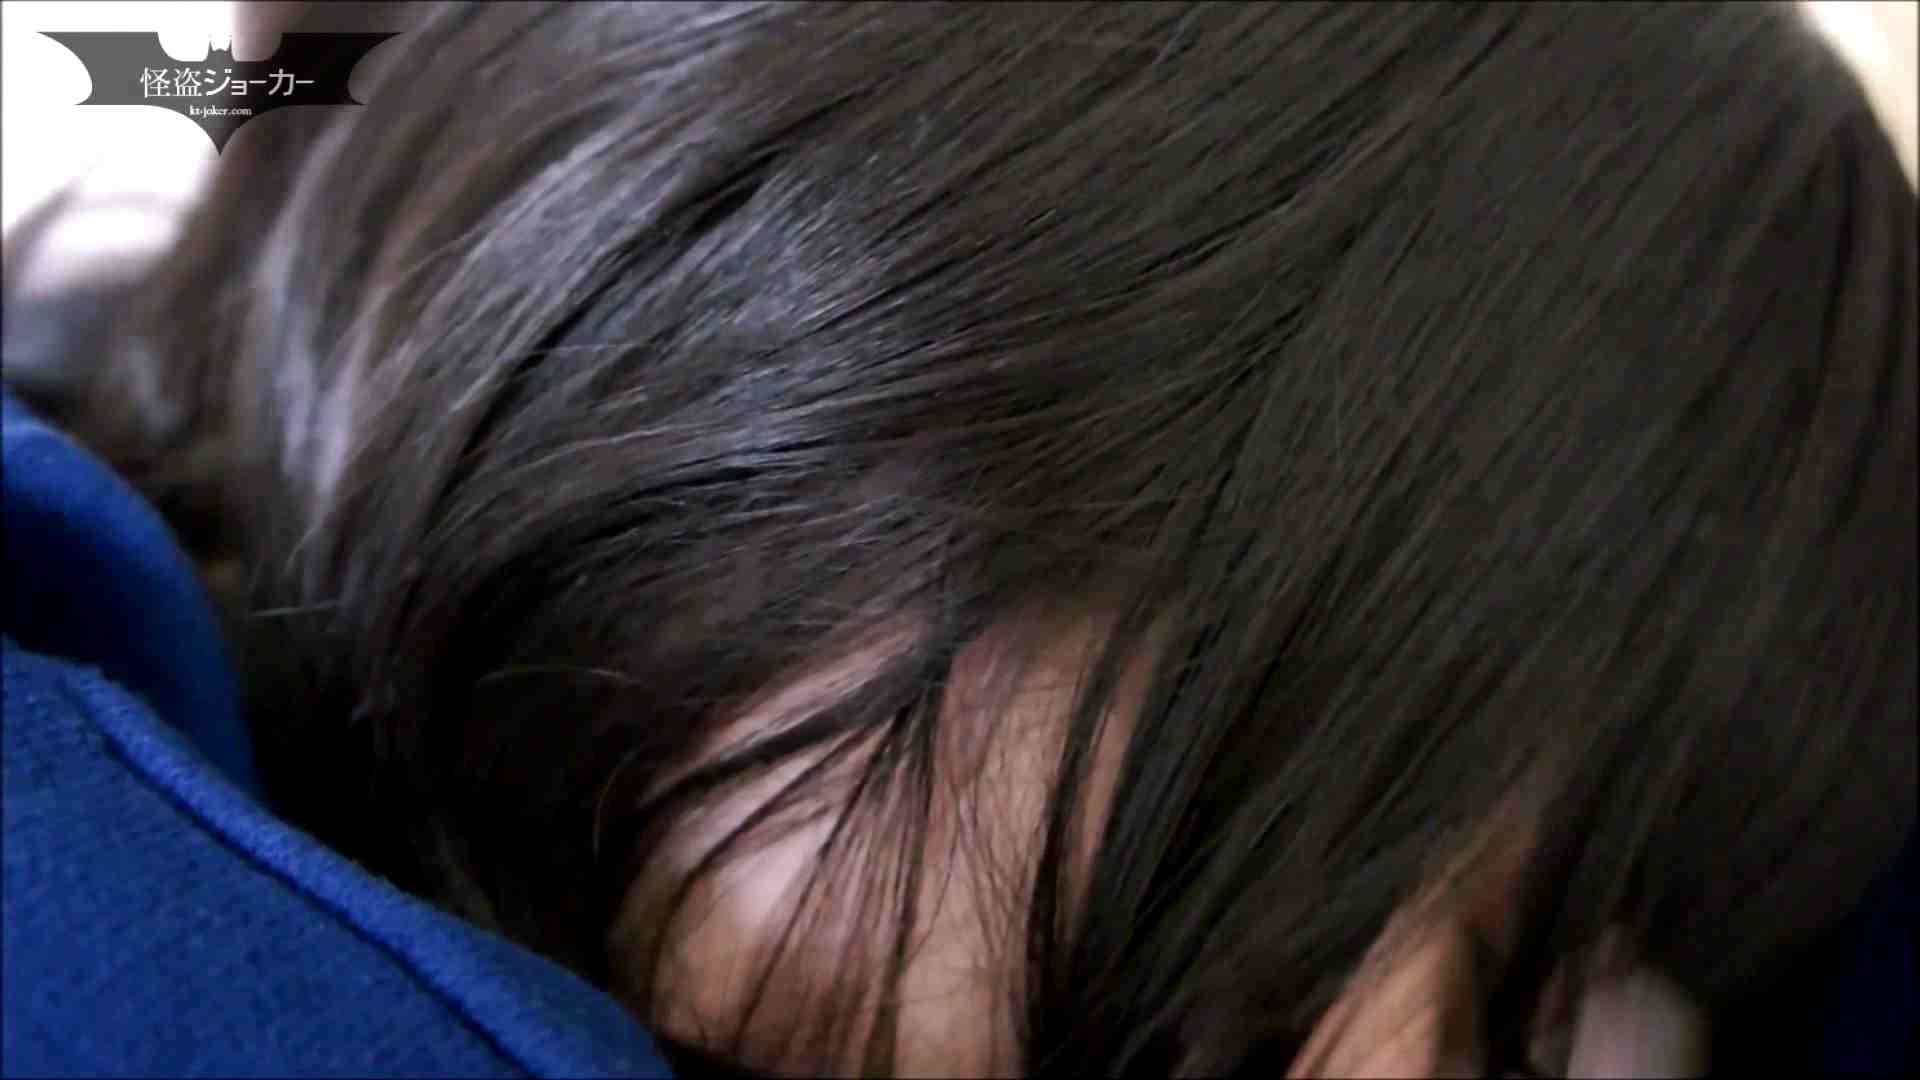 【未公開】vol.70【小春】レイカが目民る横で、、、親友の小春ちゃんをおかして。 ギャル達 オメコ無修正動画無料 94枚 32